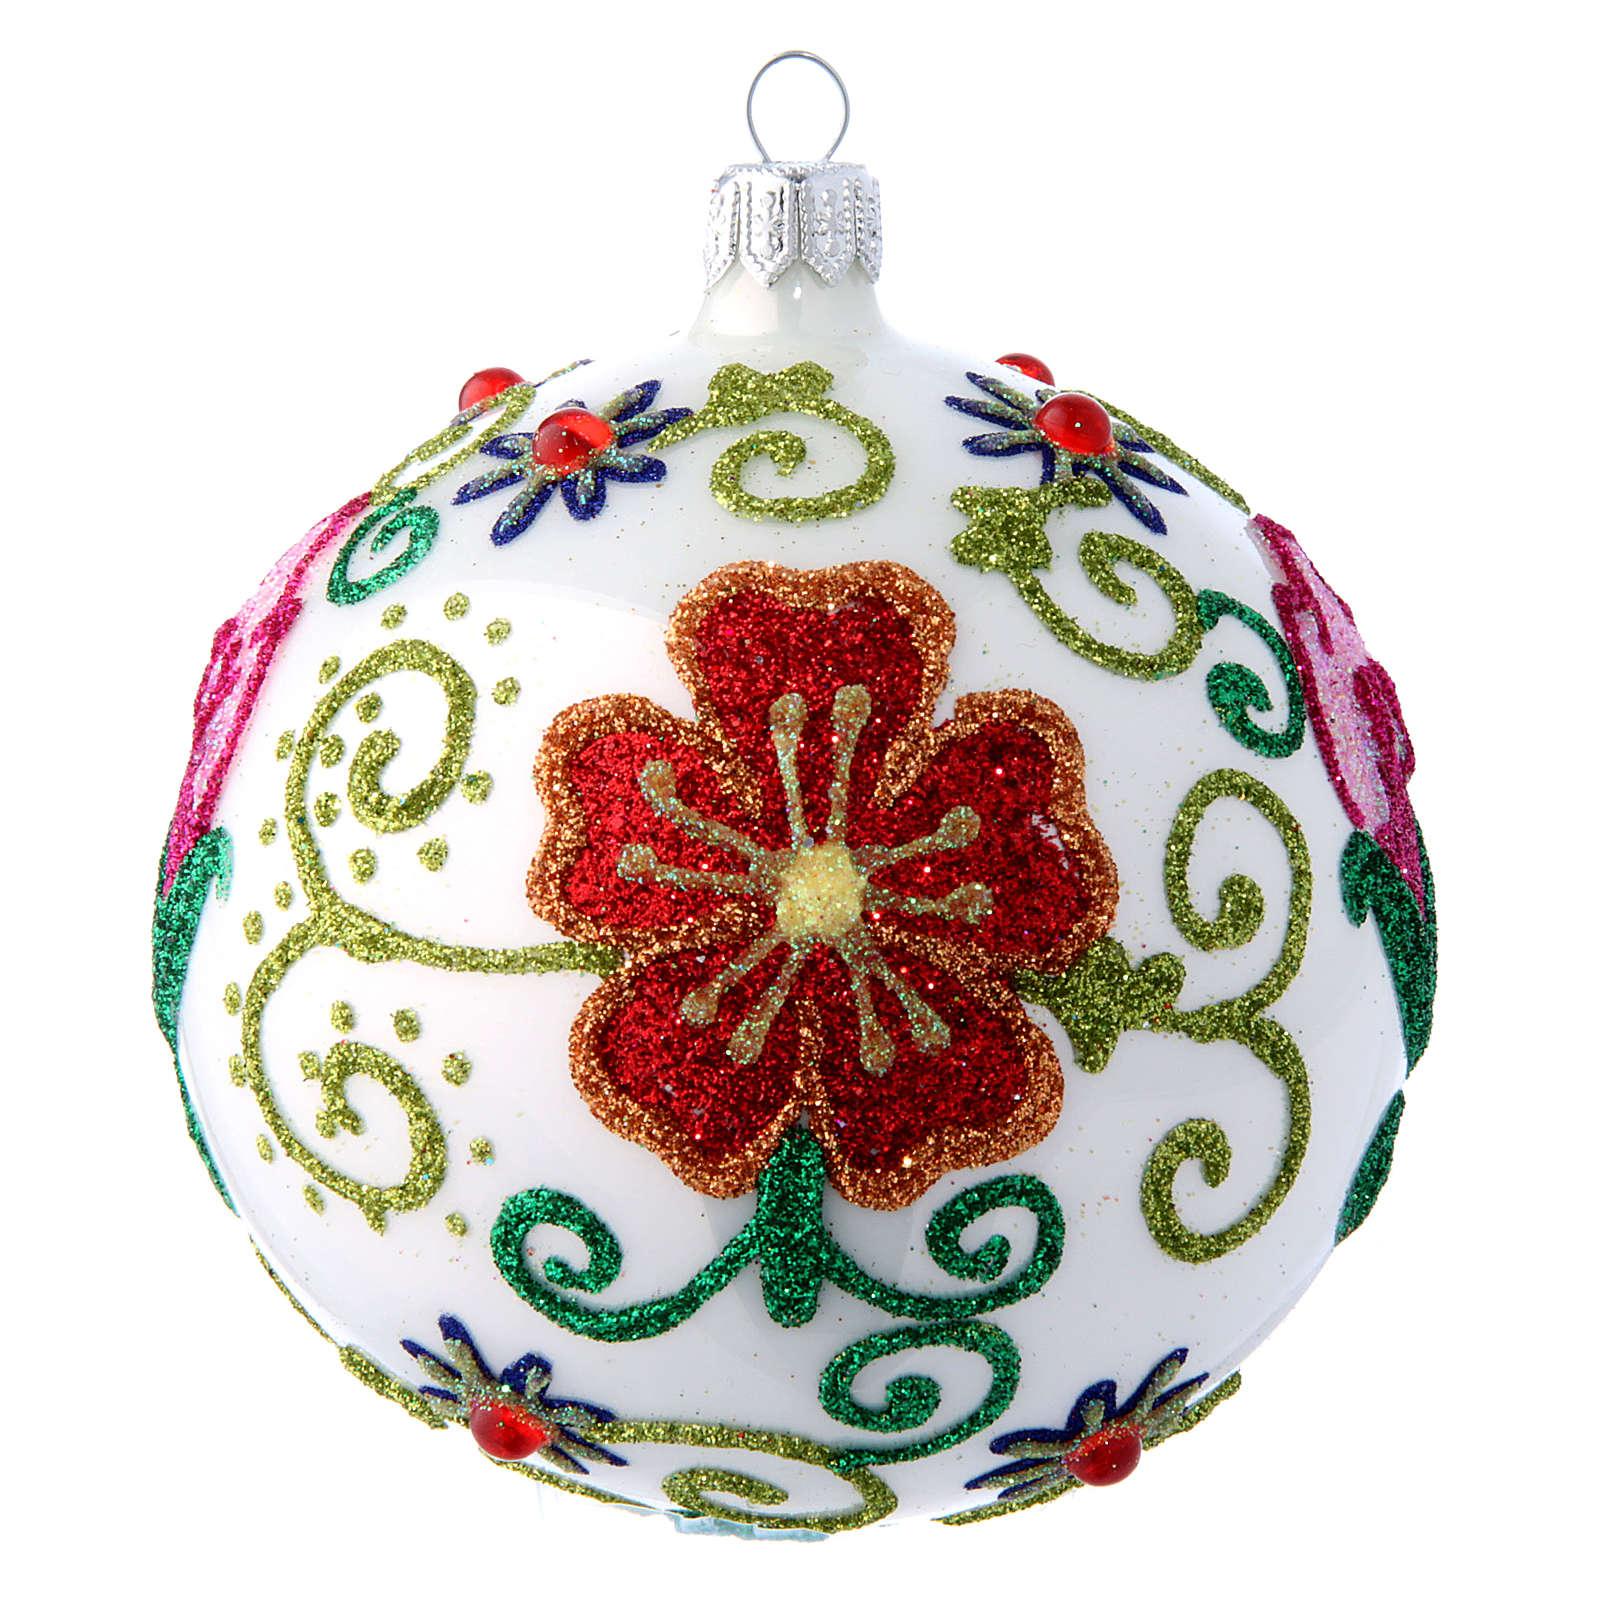 Weihnachtskugel aus Glas Grundton Weiß glänzend mit vielfarbigen floralen Verzierungen 100 mm 4